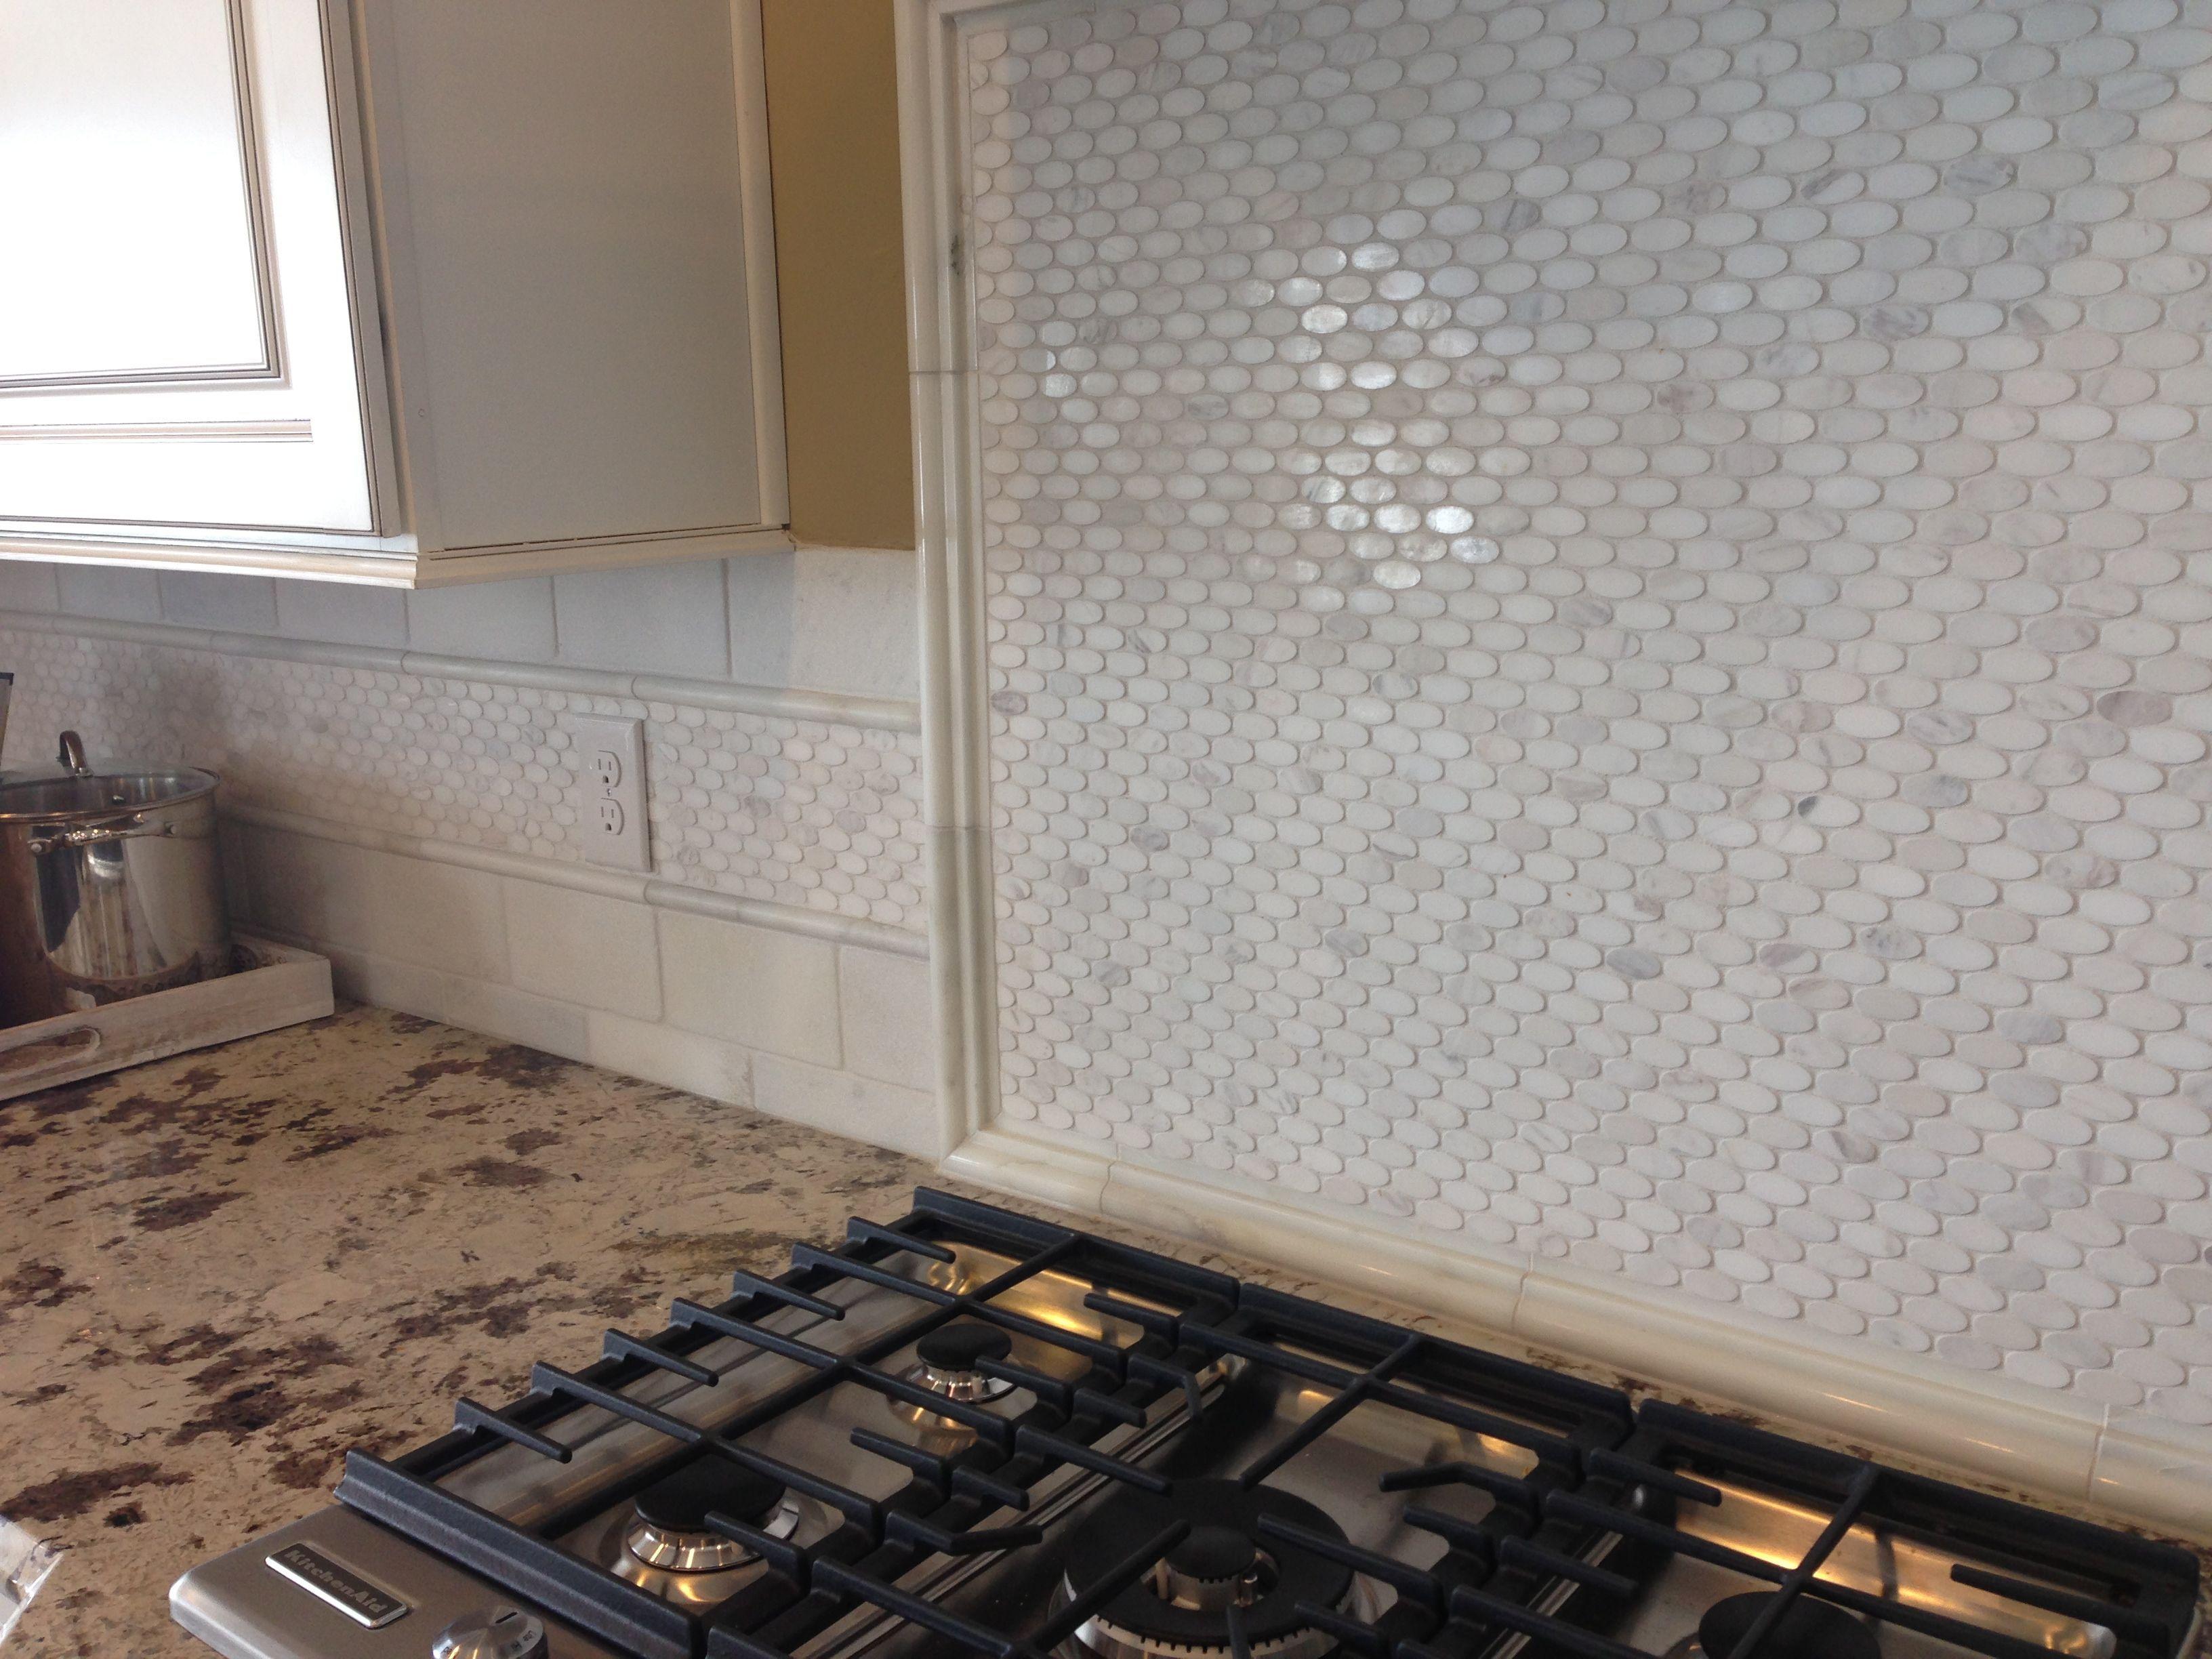 Backsplash Tile Patterns For Easy Cleaning Countertops Idea Modern Kitchen Backsp Kitchen Tiles Backsplash Modern Kitchen Backsplash Patterned Tile Backsplash